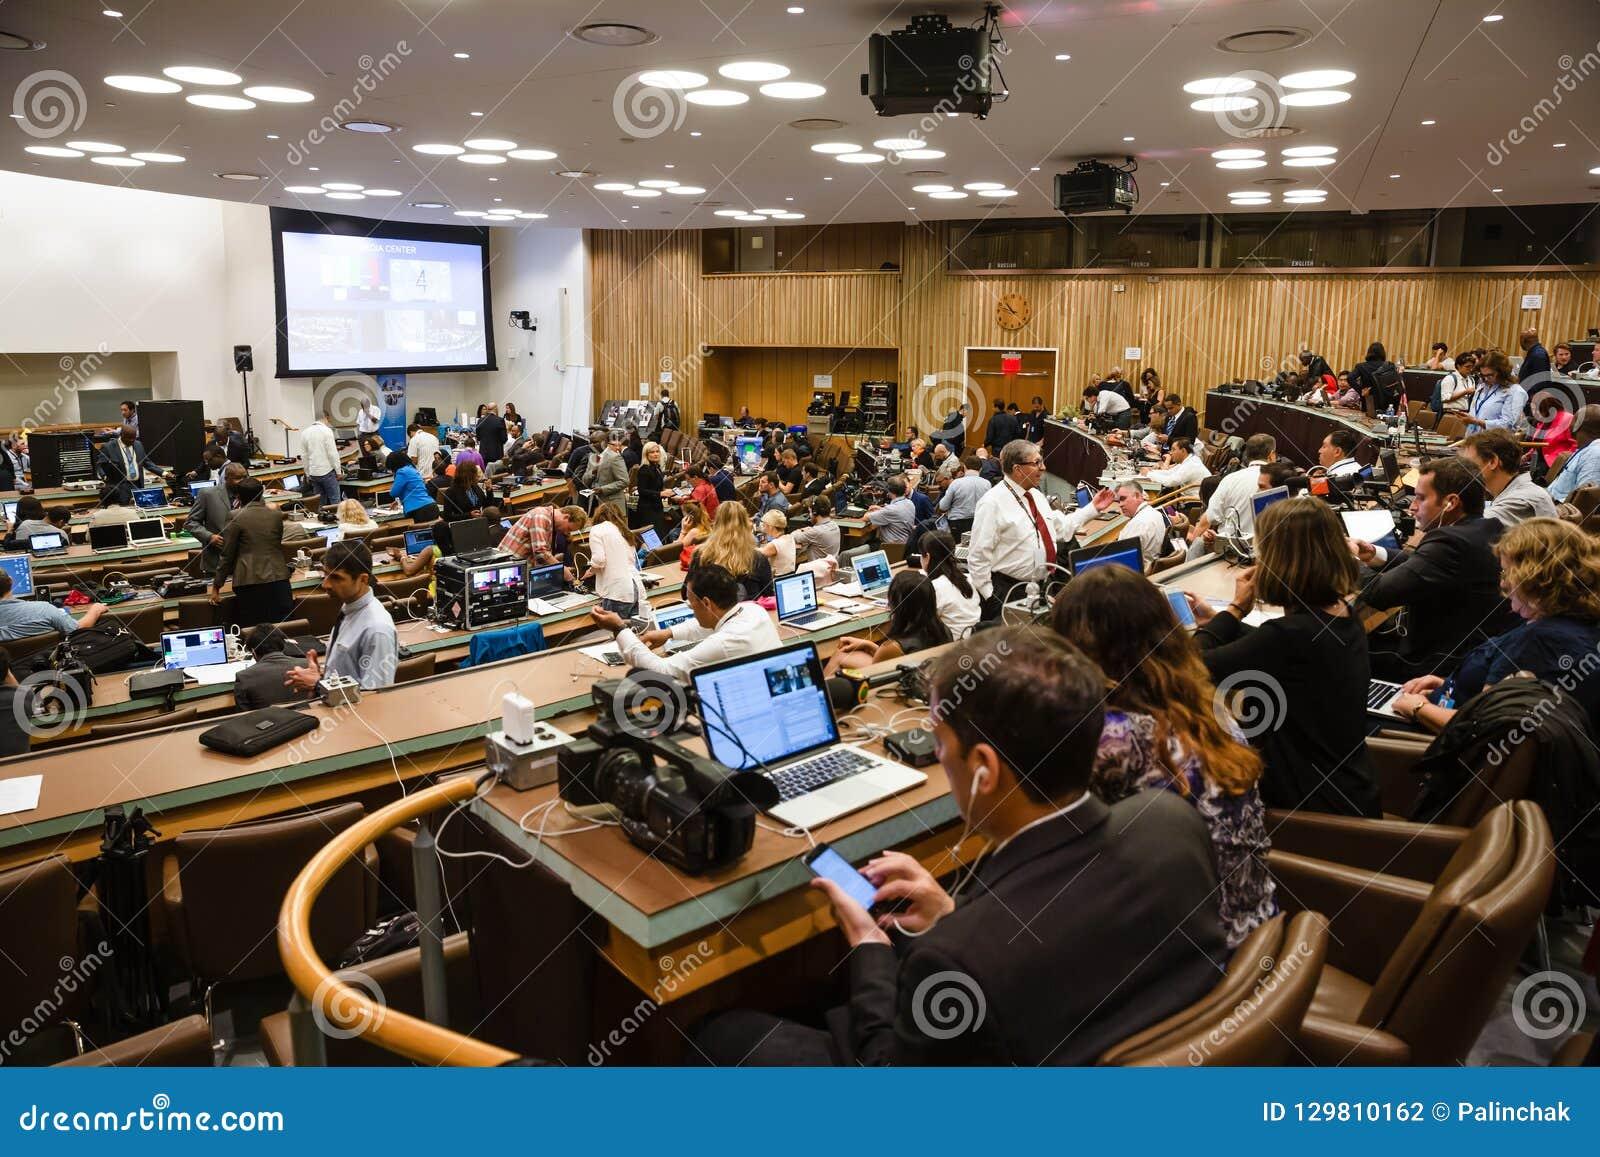 Pressez le centre de la soixante-et-onzième session des Nations Unies